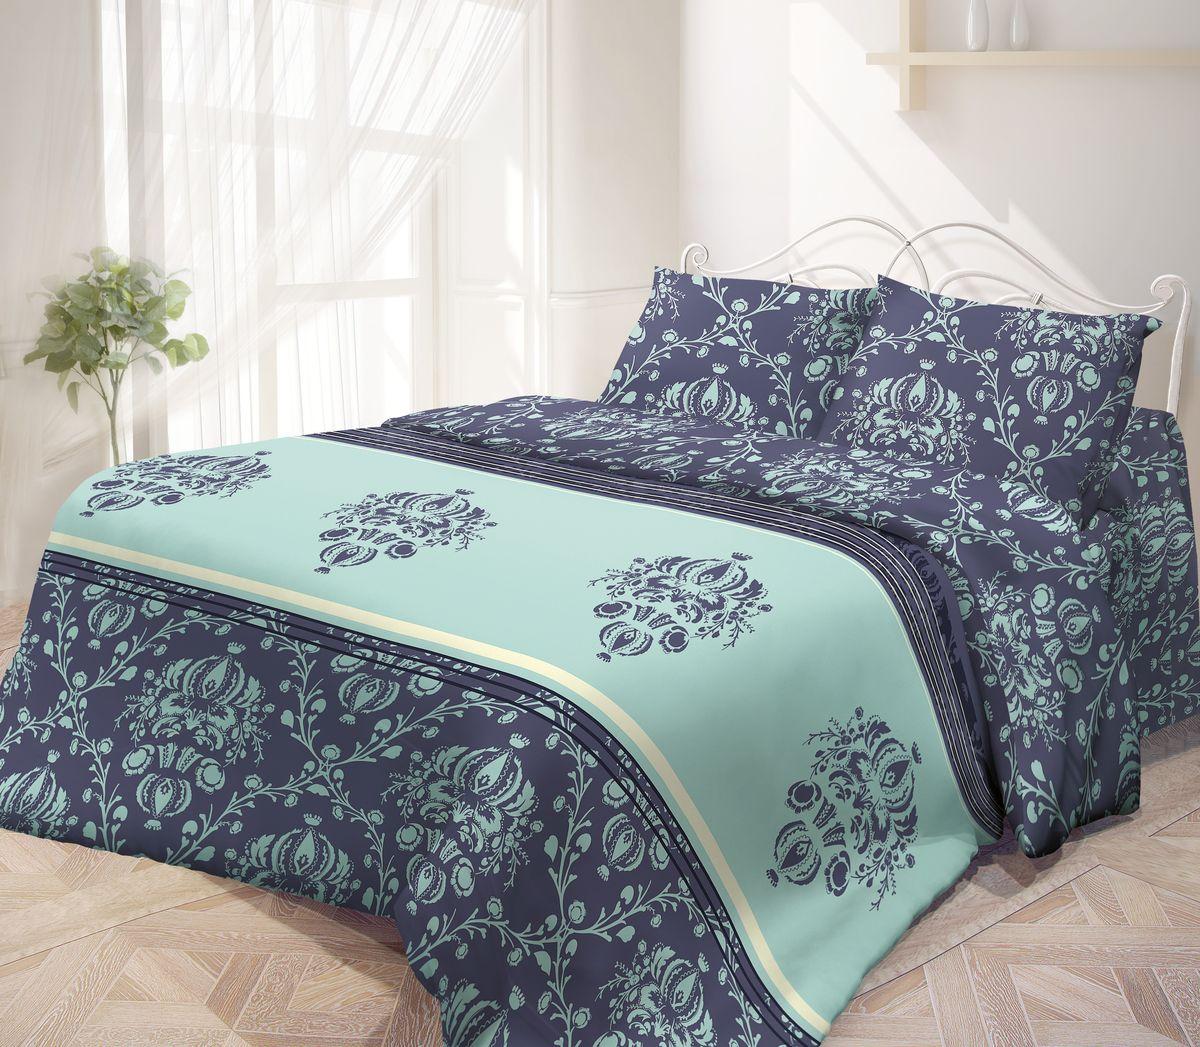 Комплект белья Гармония, евро, наволочки 70х70, цвет: темно-синий, голубой192584Комплект постельного белья Гармония является экологически безопасным, так как выполнен из поплина (100% хлопка). Комплект состоит из пододеяльника, простыни и двух наволочек. Постельное белье оформлено красивым орнаментом и имеет изысканный внешний вид. Постельное белье Гармония - лучший выбор для современной хозяйки! Его отличают демократичная цена и отличное качество. Поплин мягкий и приятный на ощупь. Кроме того, эта ткань не требует особого ухода, легко стирается и прекрасно держит форму. Высококачественные красители, которые используются при производстве постельного белья, сохраняют свой цвет даже после многочисленных стирок.